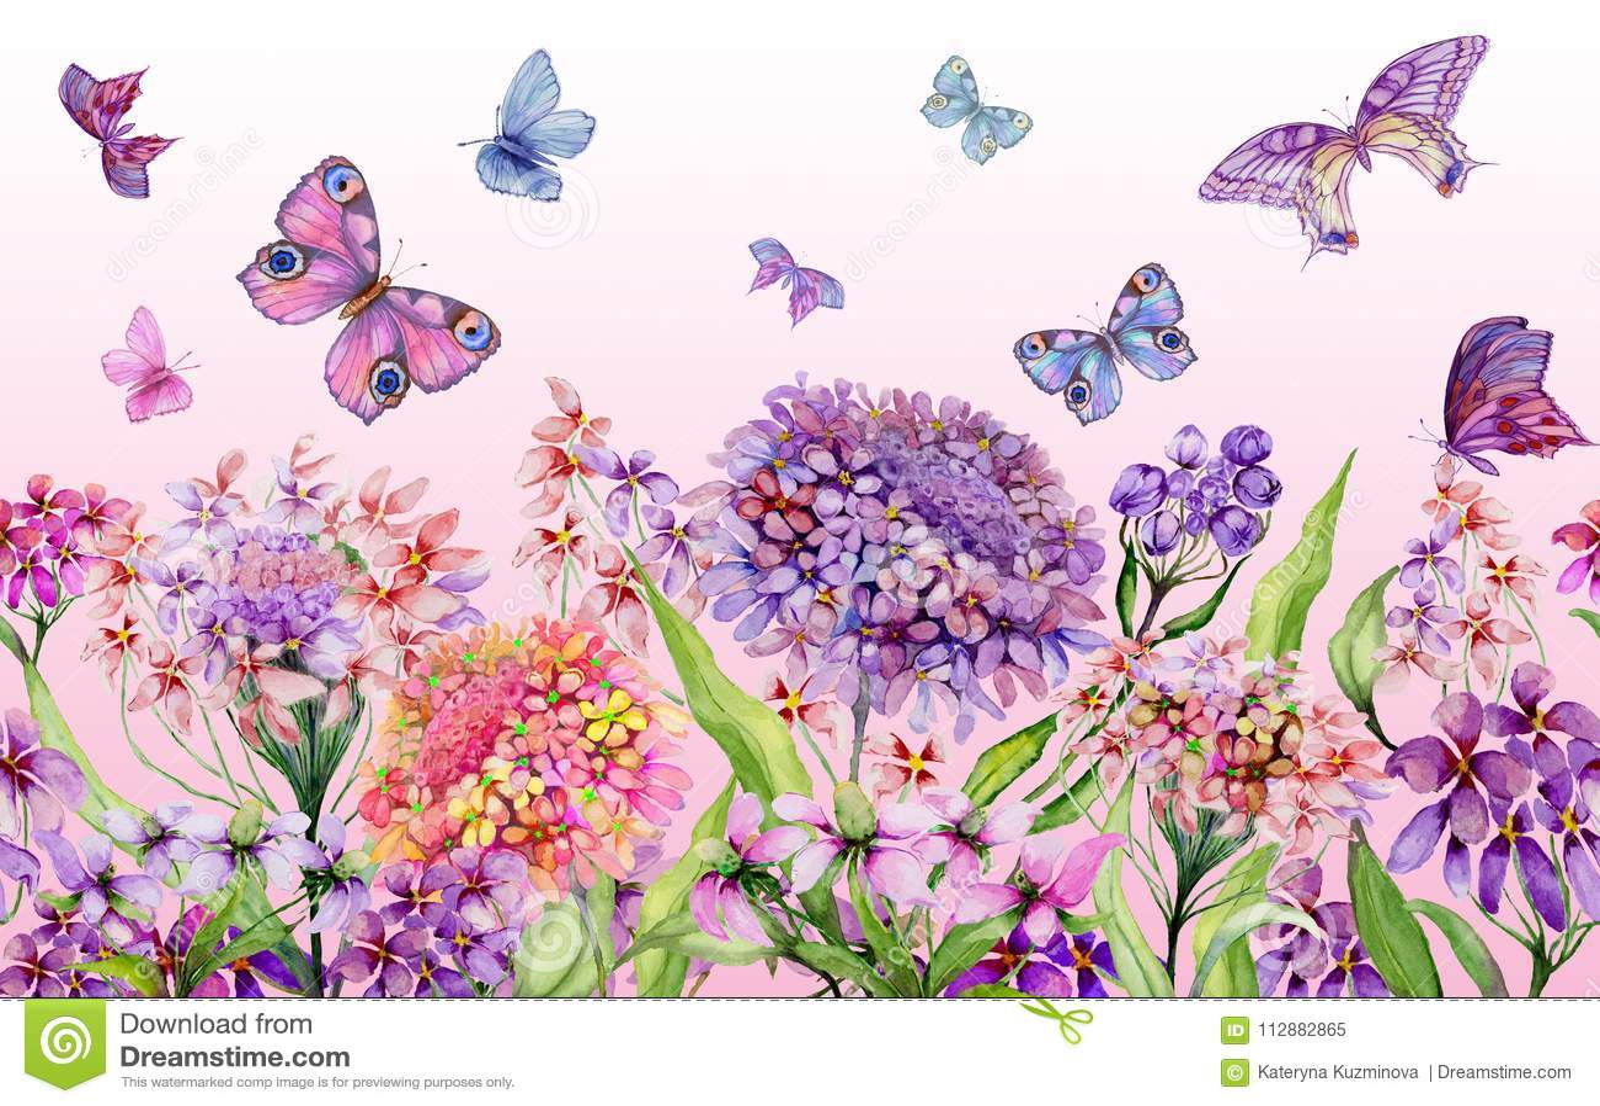 Lato szeroki sztandar Piękni żywi iberis kwiaty i kolorowi motyle na różowym tle Horyzontalny szablon